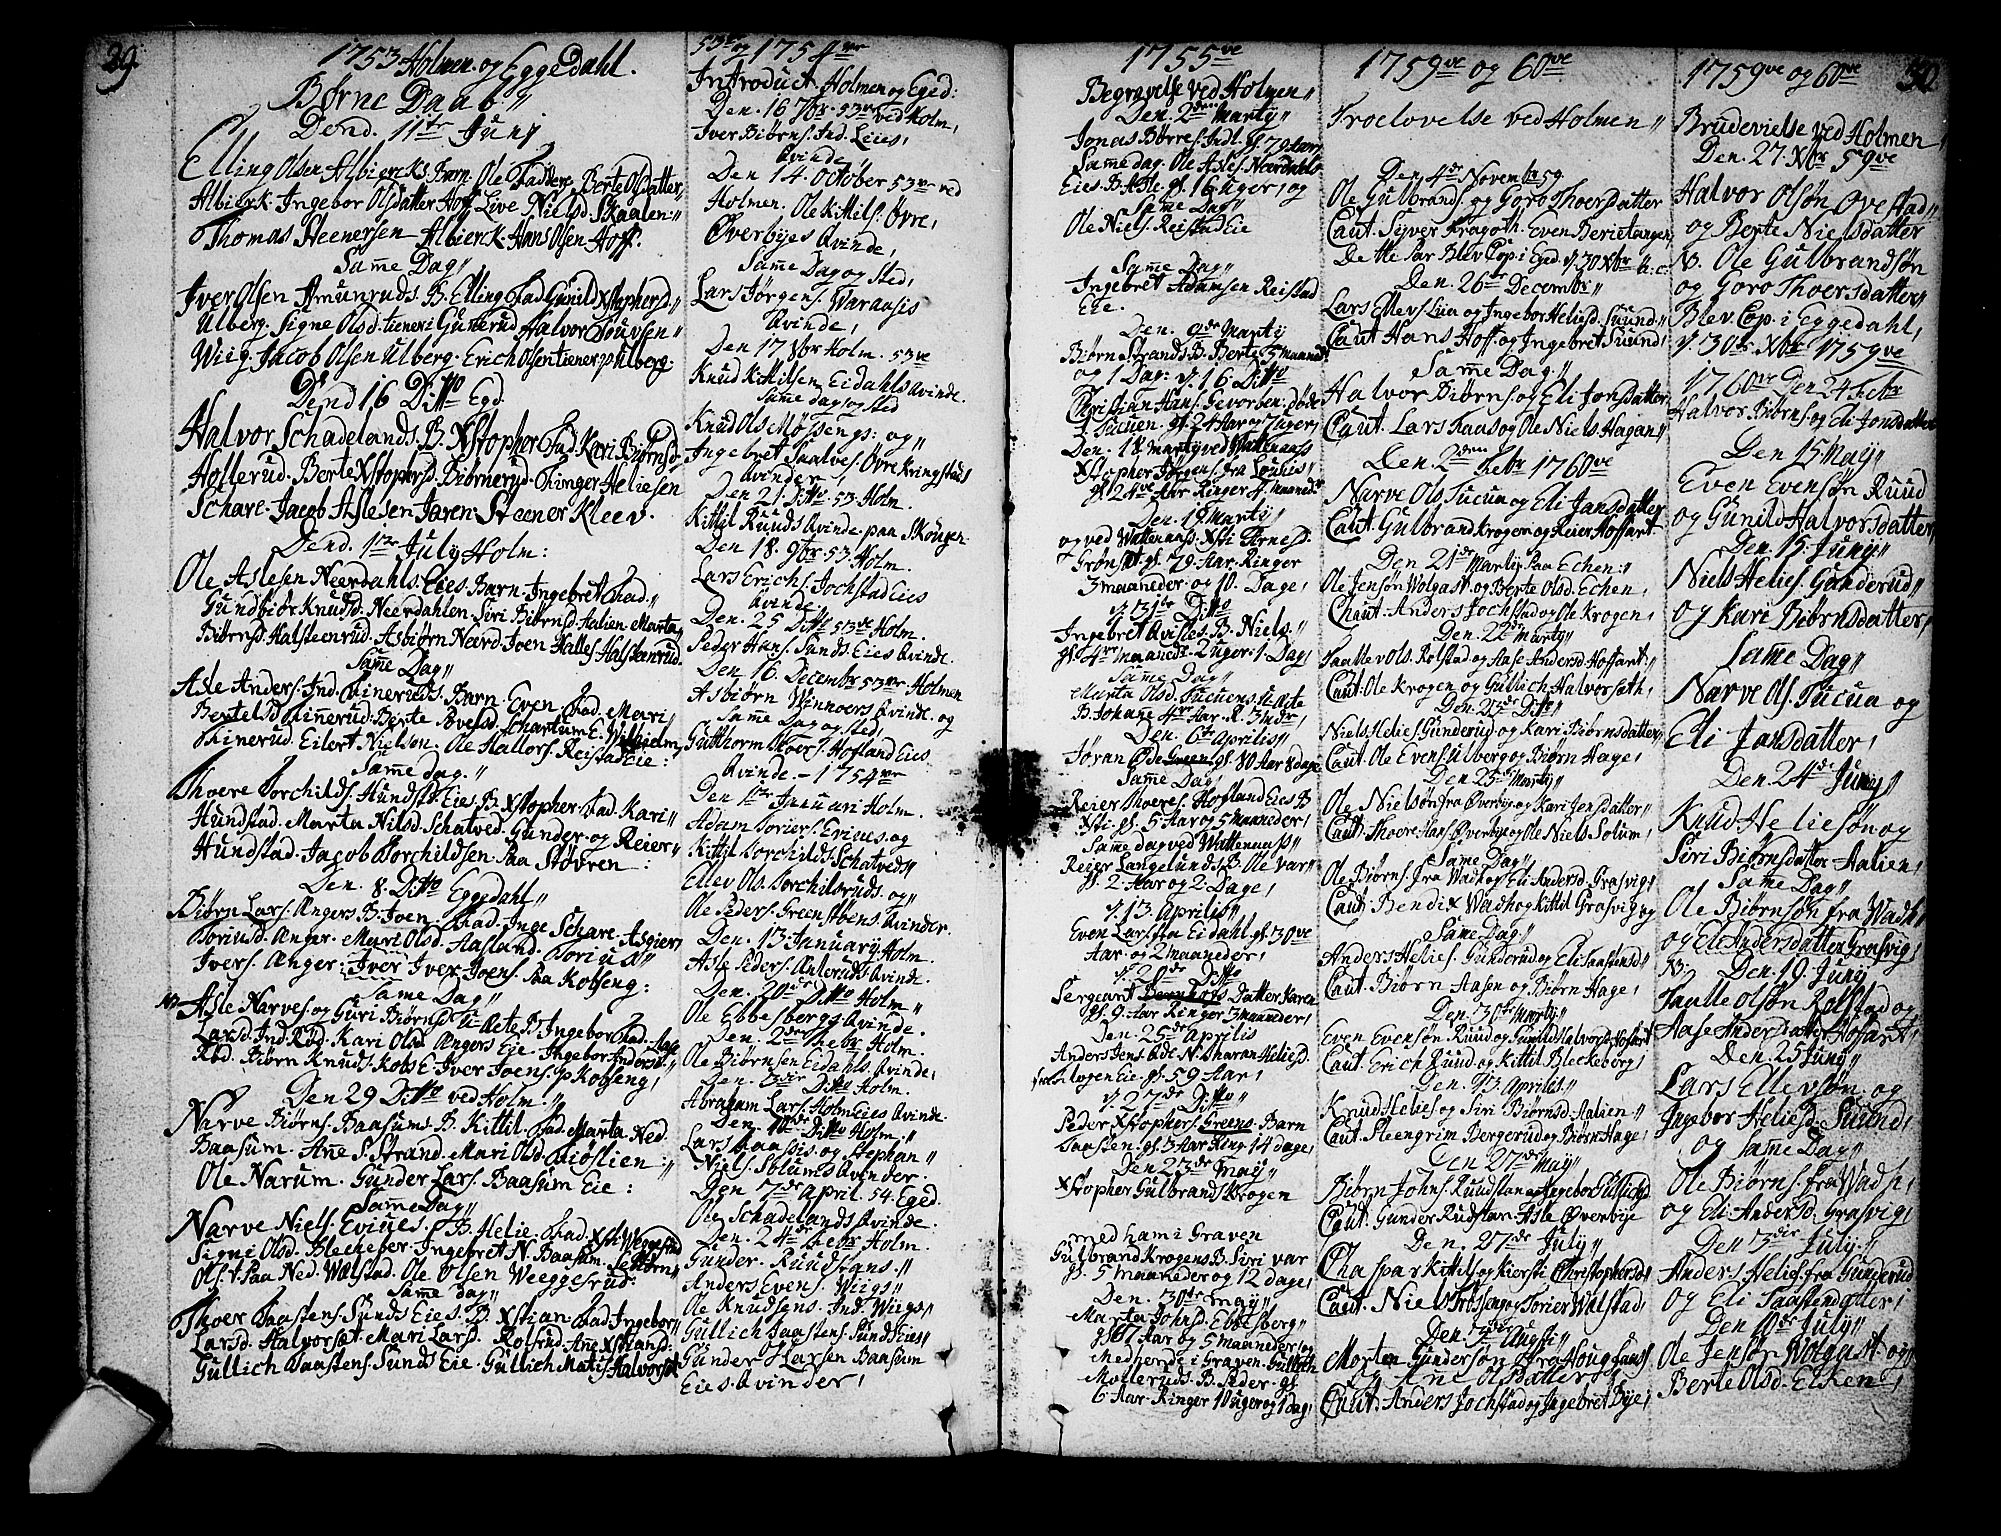 SAKO, Sigdal kirkebøker, F/Fa/L0001: Ministerialbok nr. I 1, 1722-1777, s. 29-30